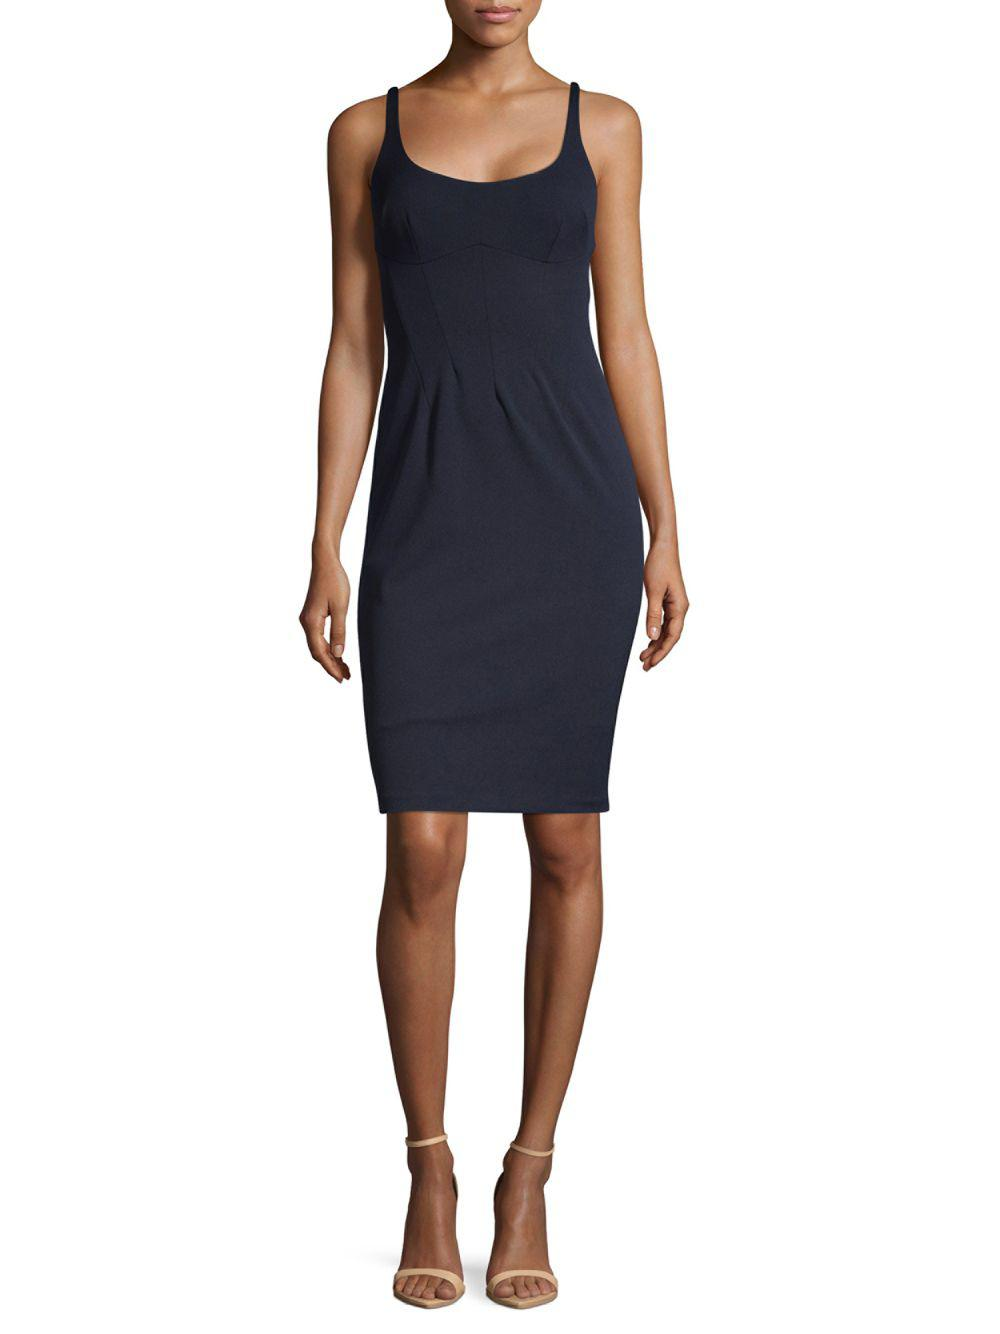 Lyst - Abs By Allen Schwartz Bustier Bodycon Dress in Blue - Save 1%